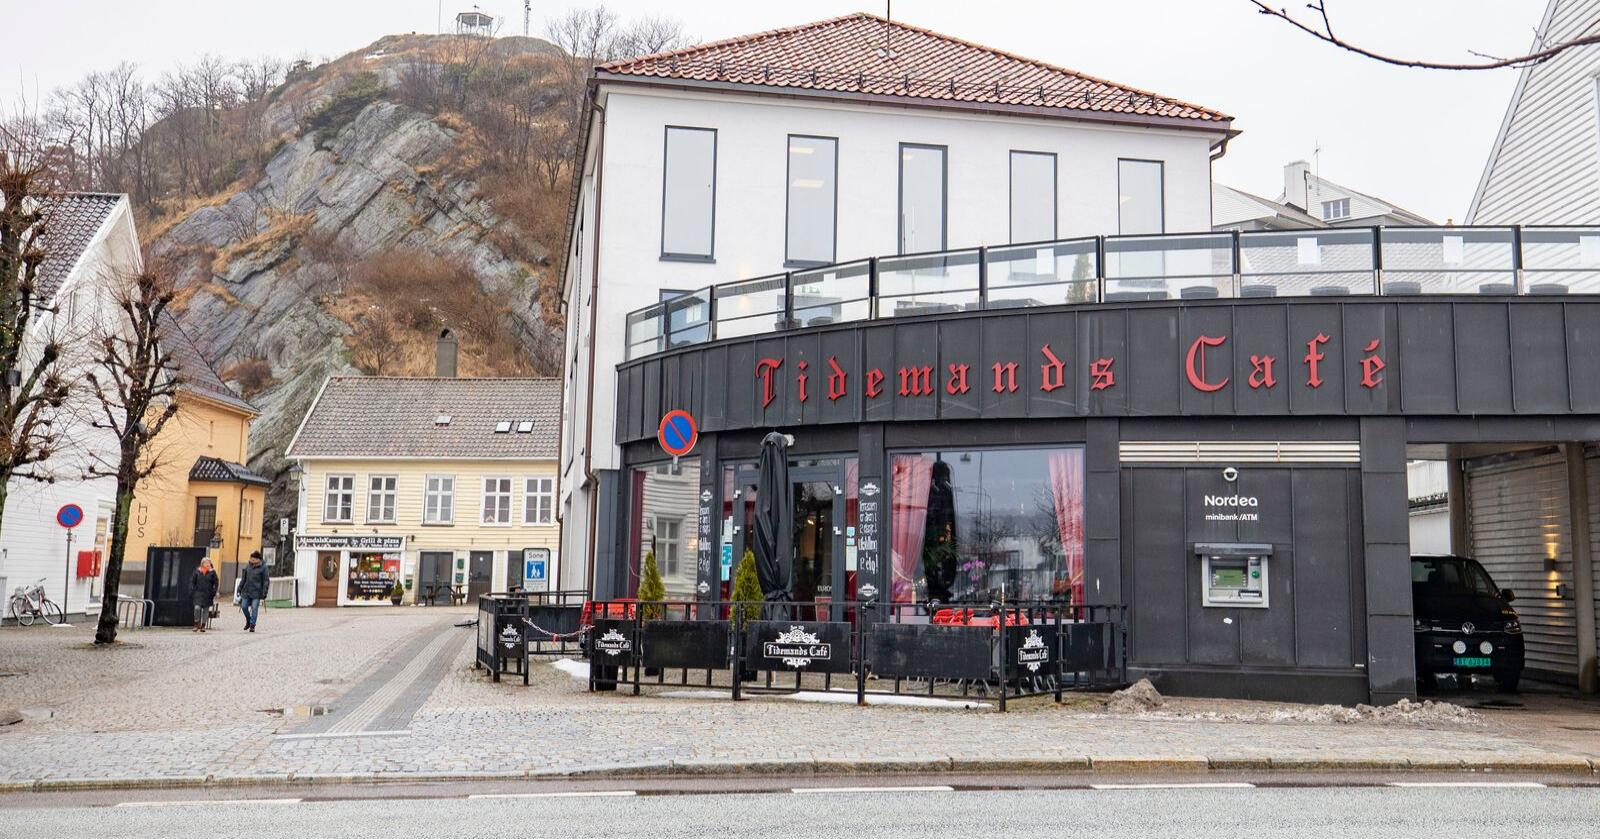 Det er et utbrudd av korona i Mandal. Utbruddet stammer fra Tidemands Café. Foto: Tor Erik Schrøder / NTB